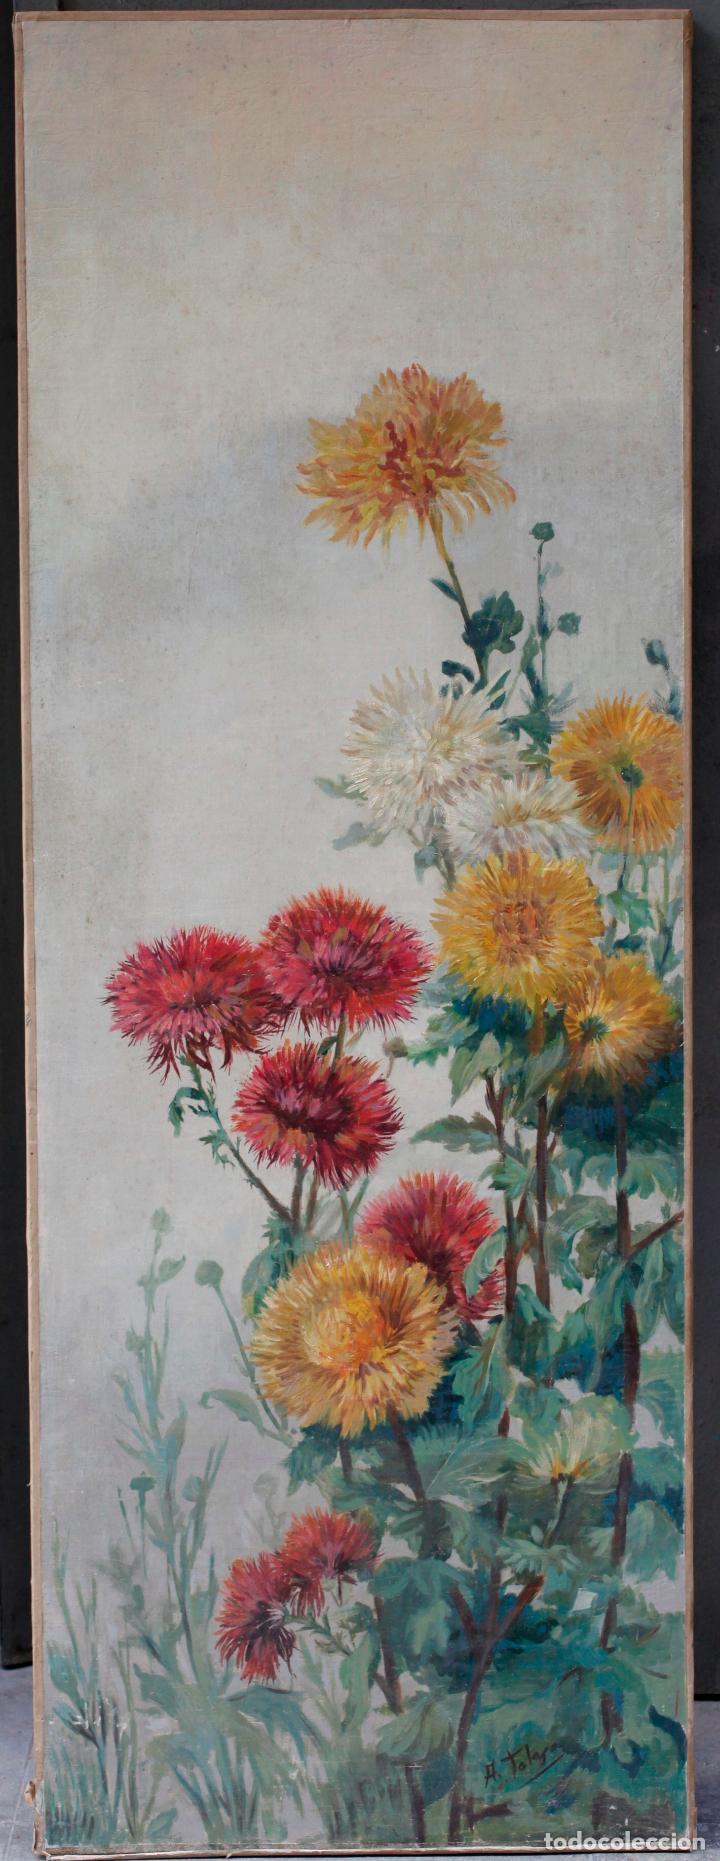 AURELI TOLOSA (1861 - 1938), FLORES, PINTURA AL ÓLEO SOBRE TELA. 125X46CM (Arte - Pintura - Pintura al Óleo Contemporánea )